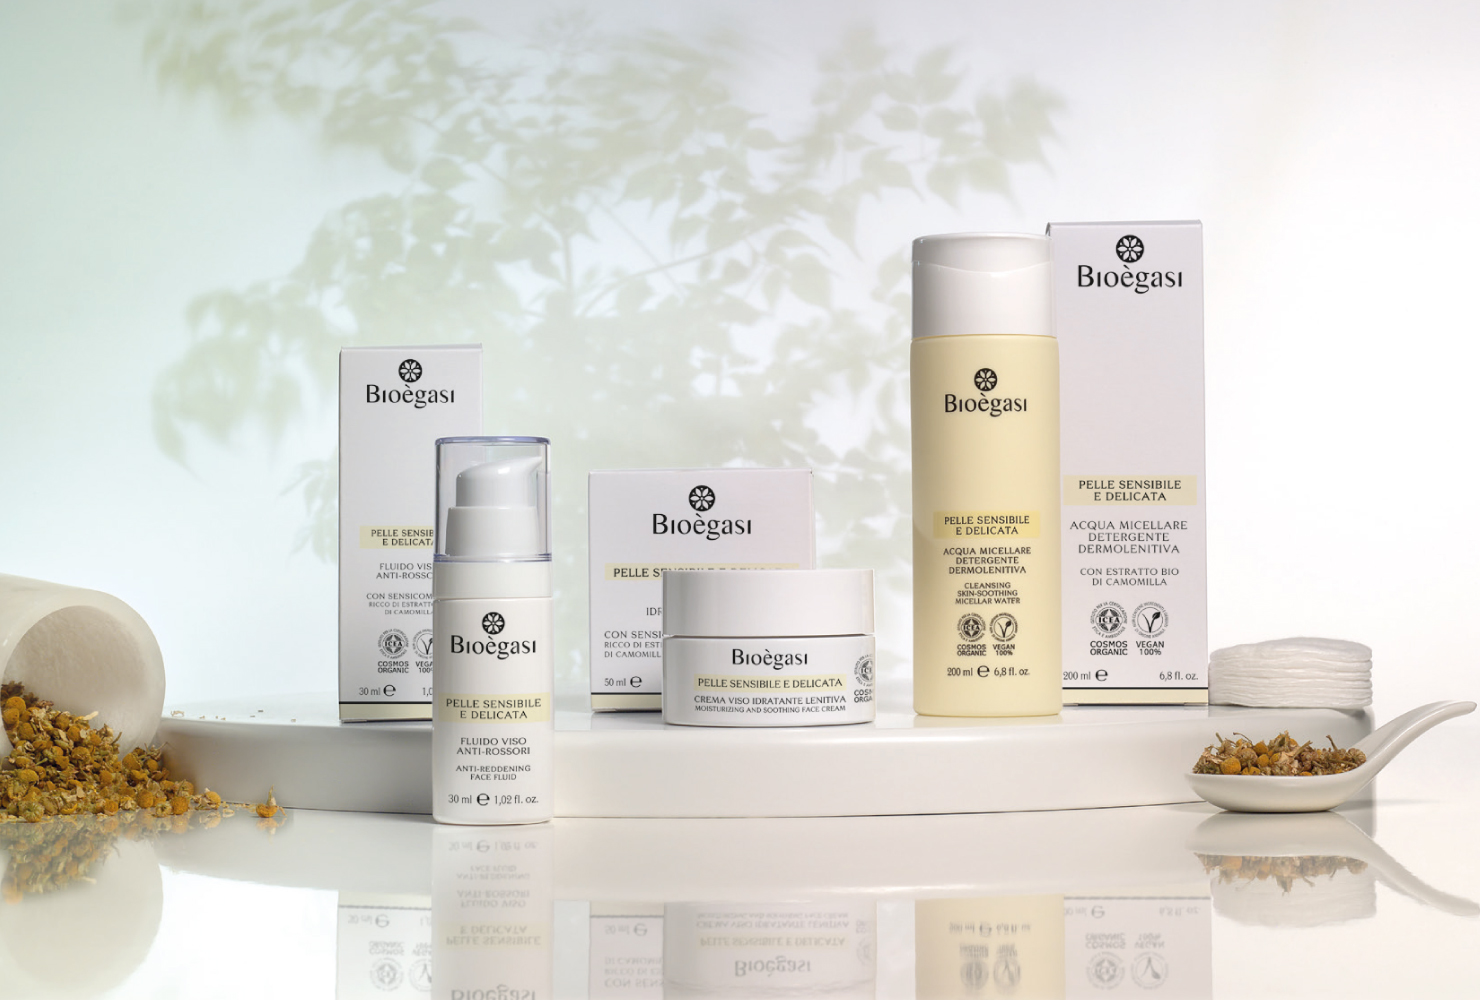 prodotti per pelle sensibile e delicata